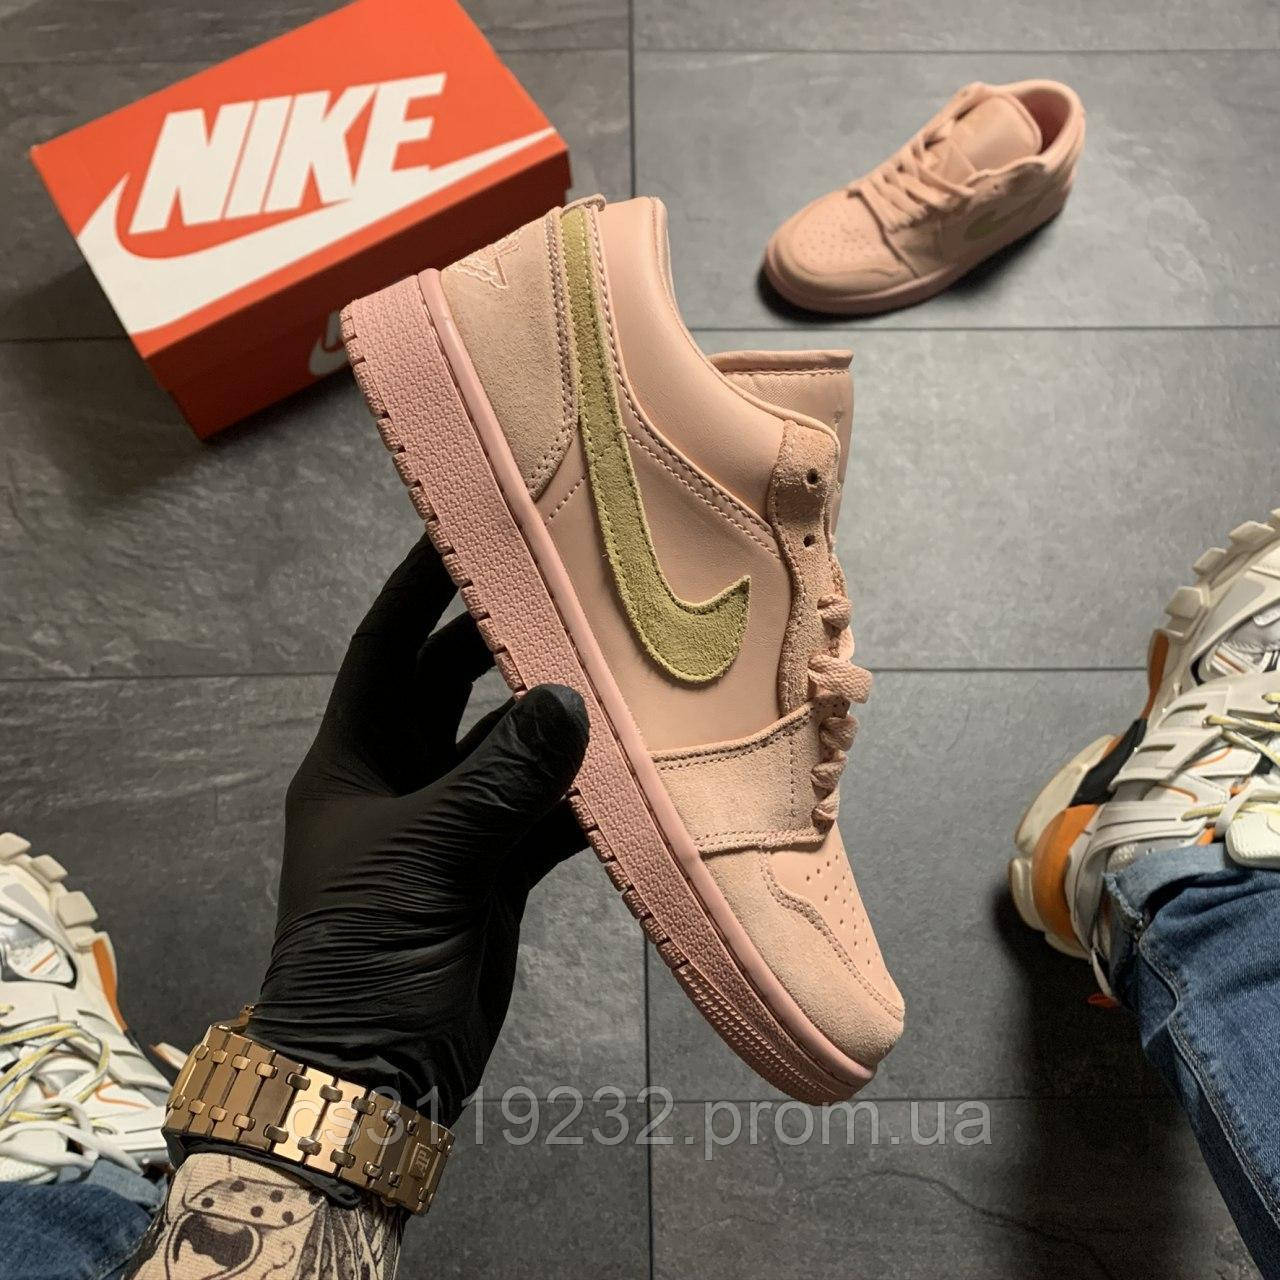 Жіночі кросівки Air Jordan 1 Low Coral Sued (рожевий)